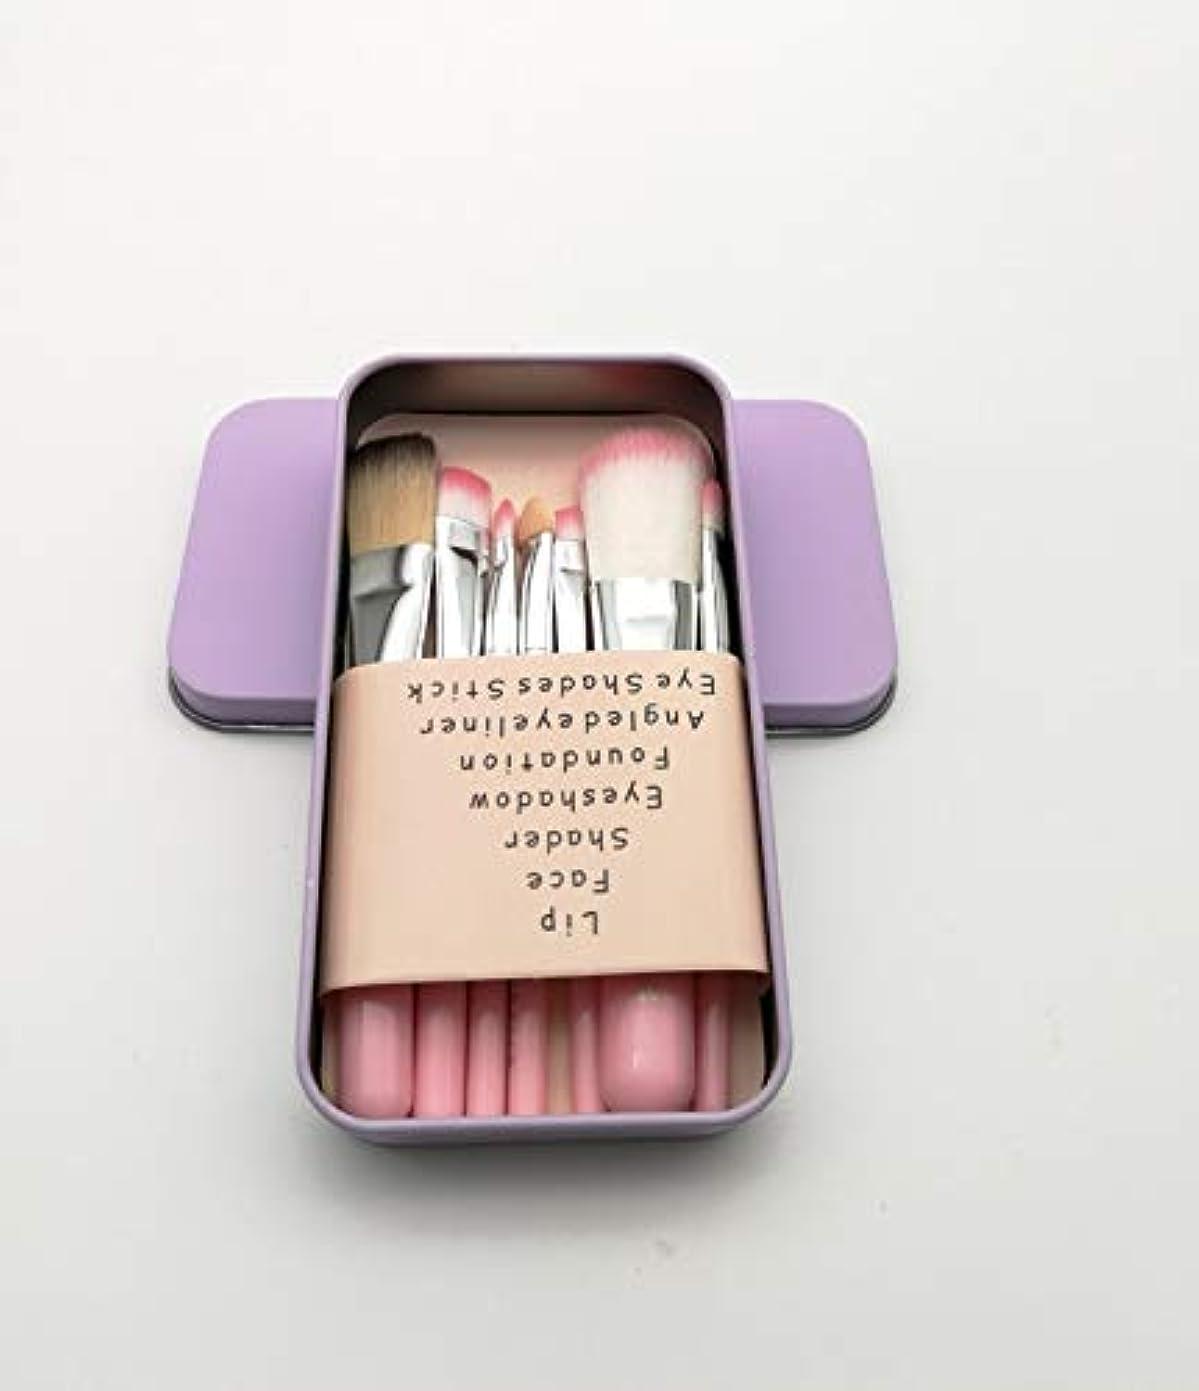 細胞免疫恵み化粧ブラシセット、ピンク7化粧ブラシ化粧ブラシセットアイシャドウブラシリップブラシ美容化粧道具